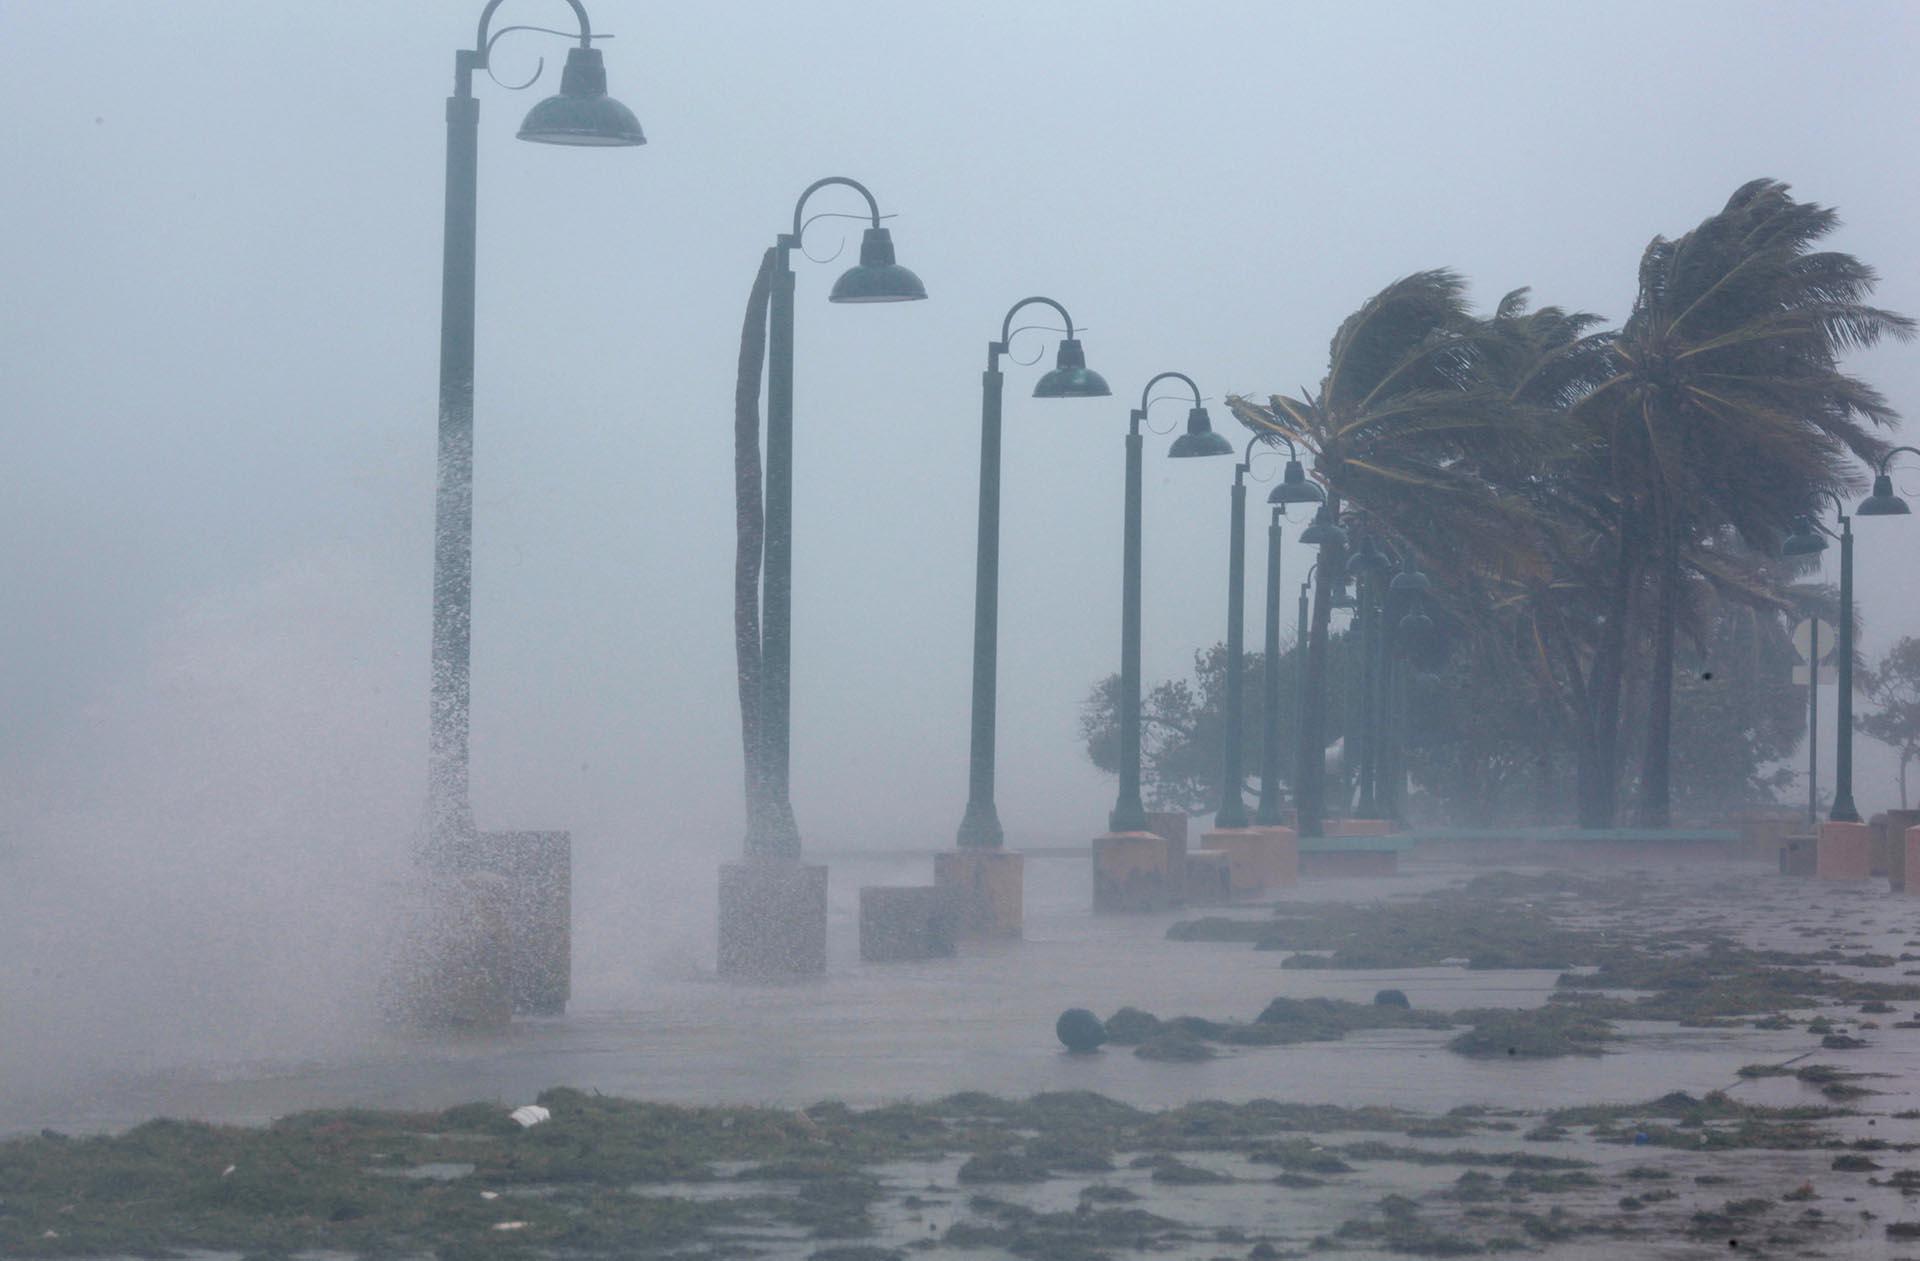 El huracán ya hizo estragos en el Caribe